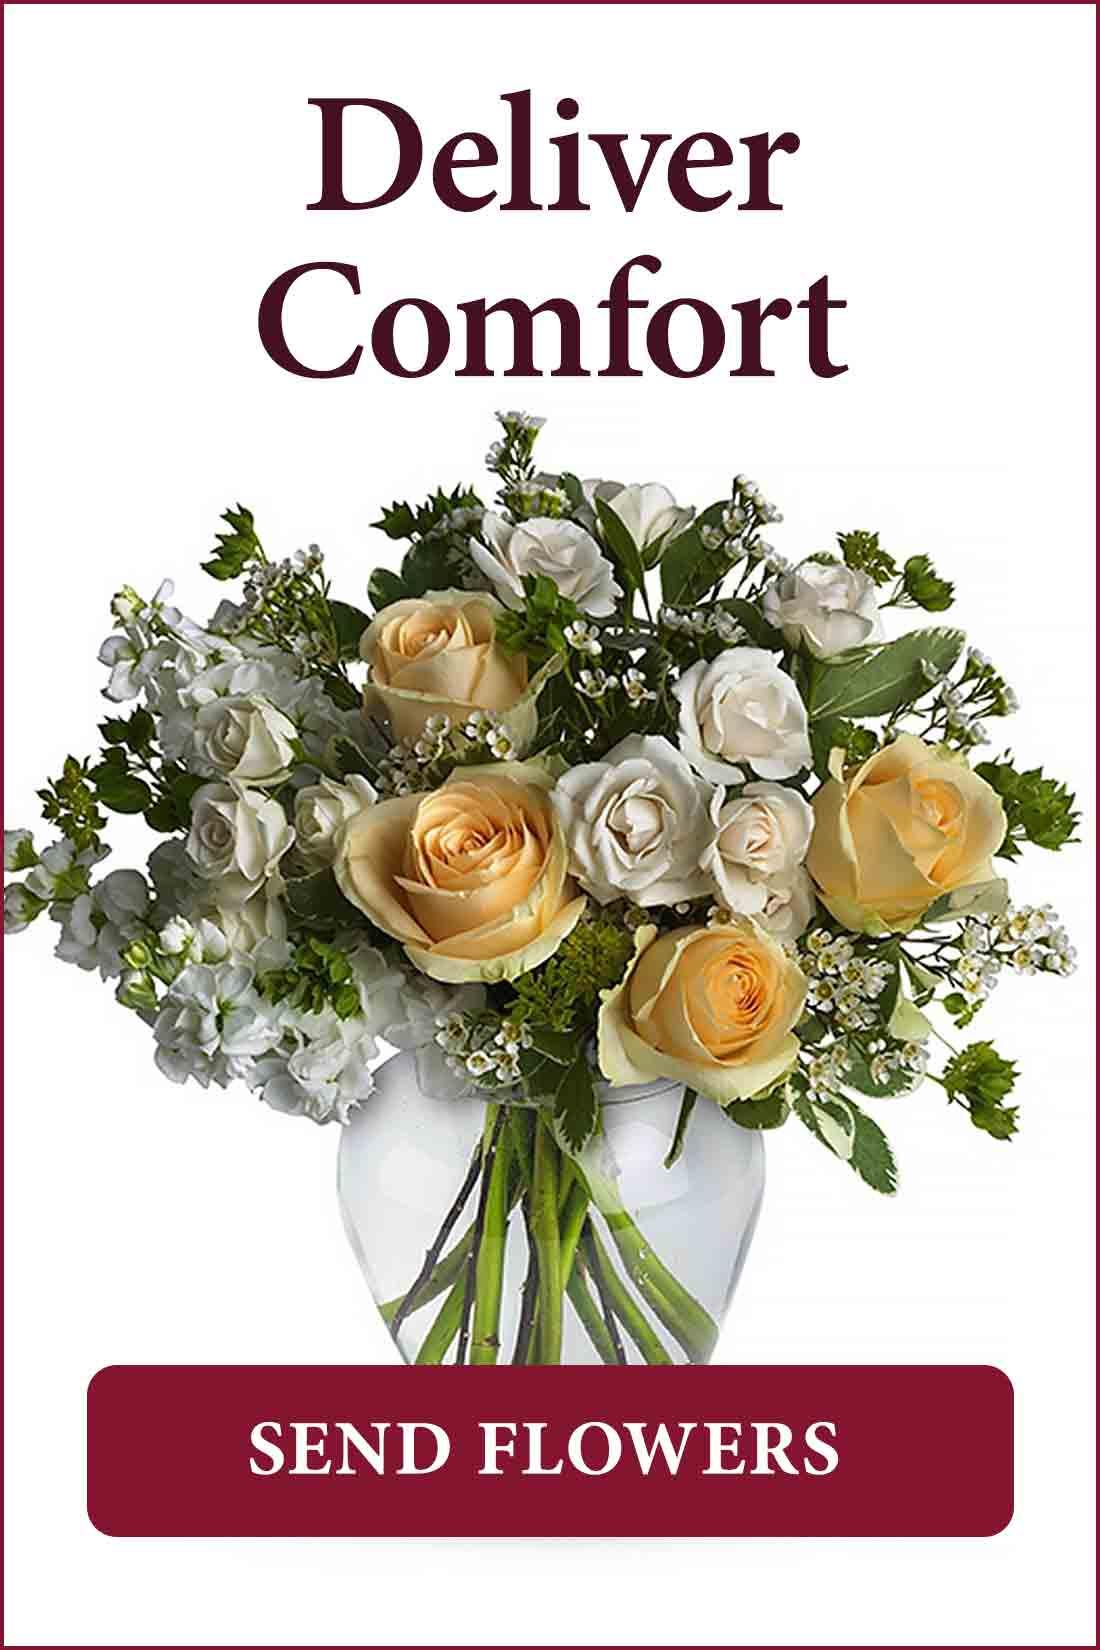 Deliver Comfort